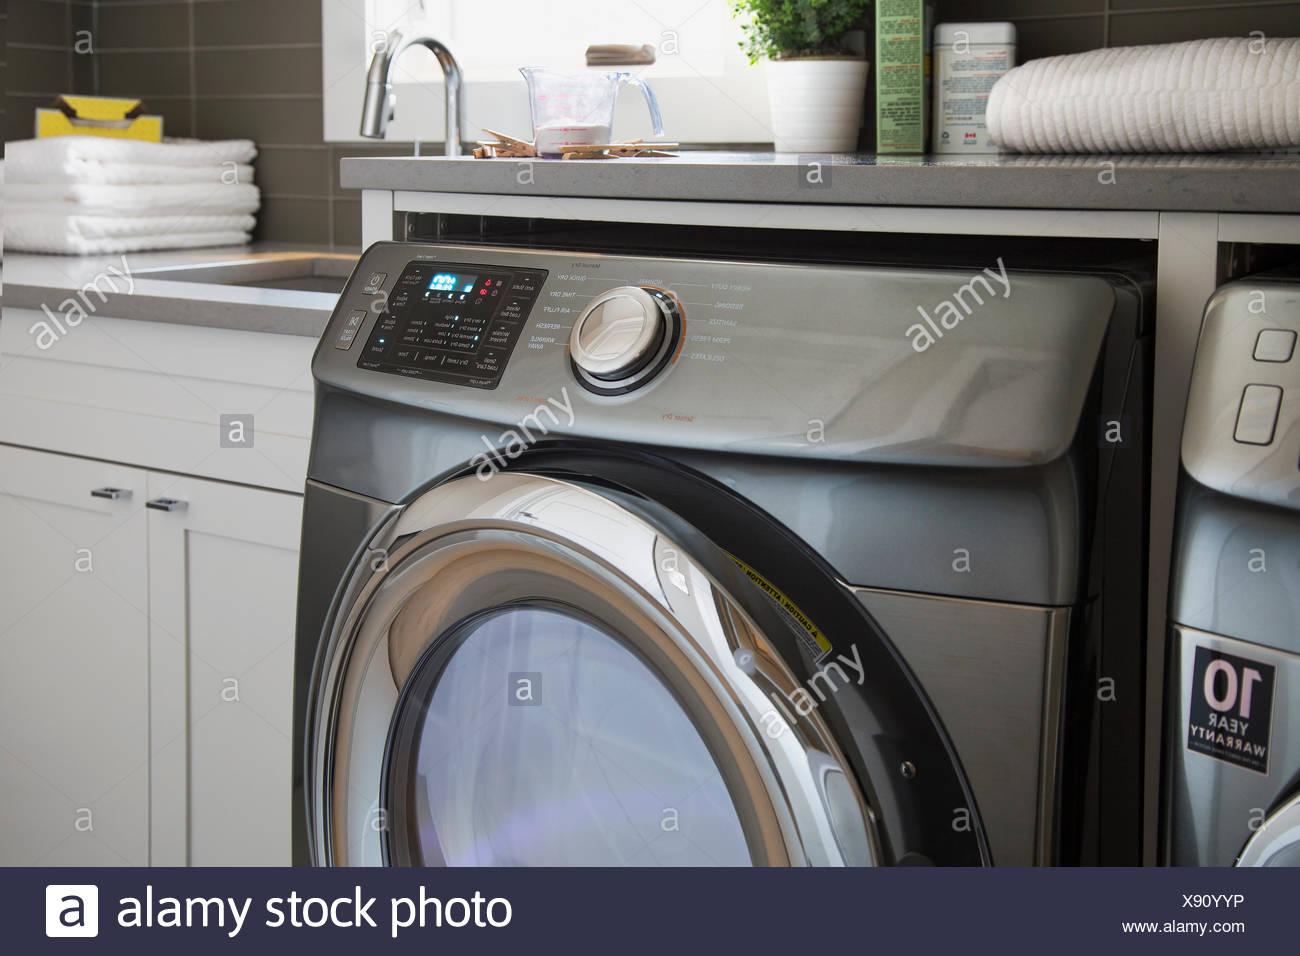 Efficacité énergétique des lave-linge dans buanderie Photo Stock